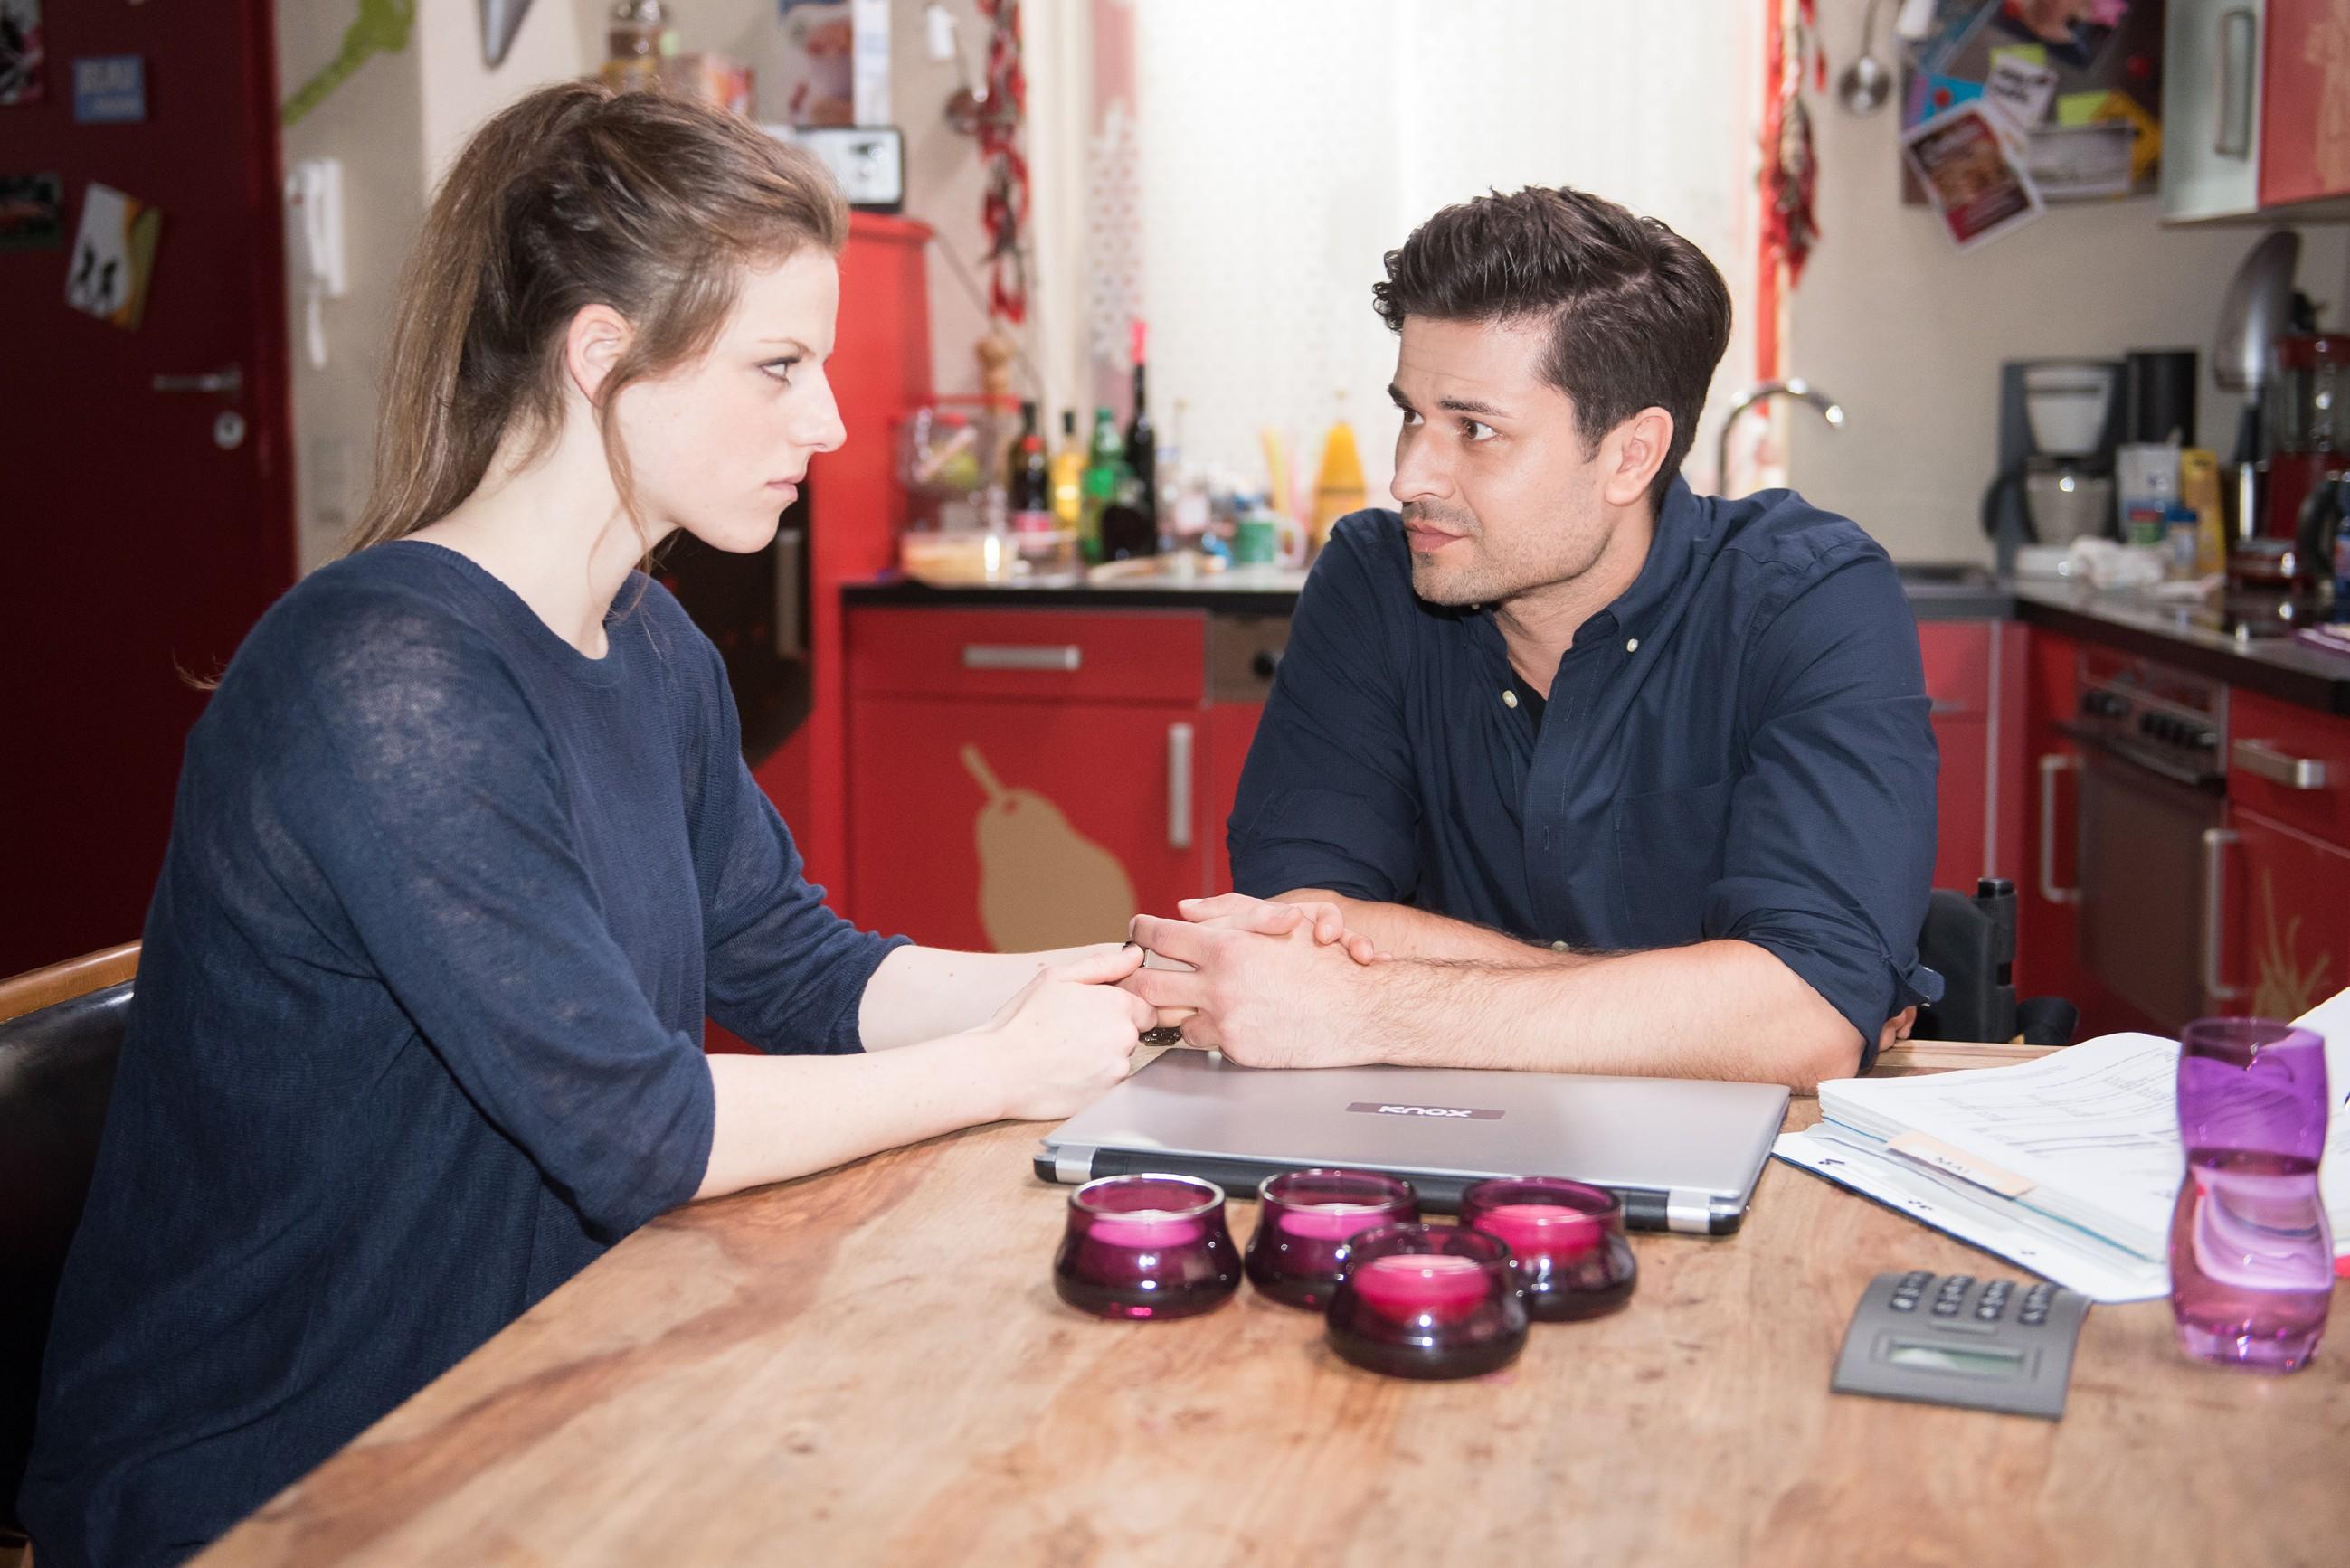 Elli (Nora Koppen) wird von Paco (Milos Vukovic) dazu ermutigt, ihre Cousine KayC, die sich offenbar nicht nur äußerlich verändert hat, neu kennenzulernen. (Quelle: RTL / Stefan Behrens)